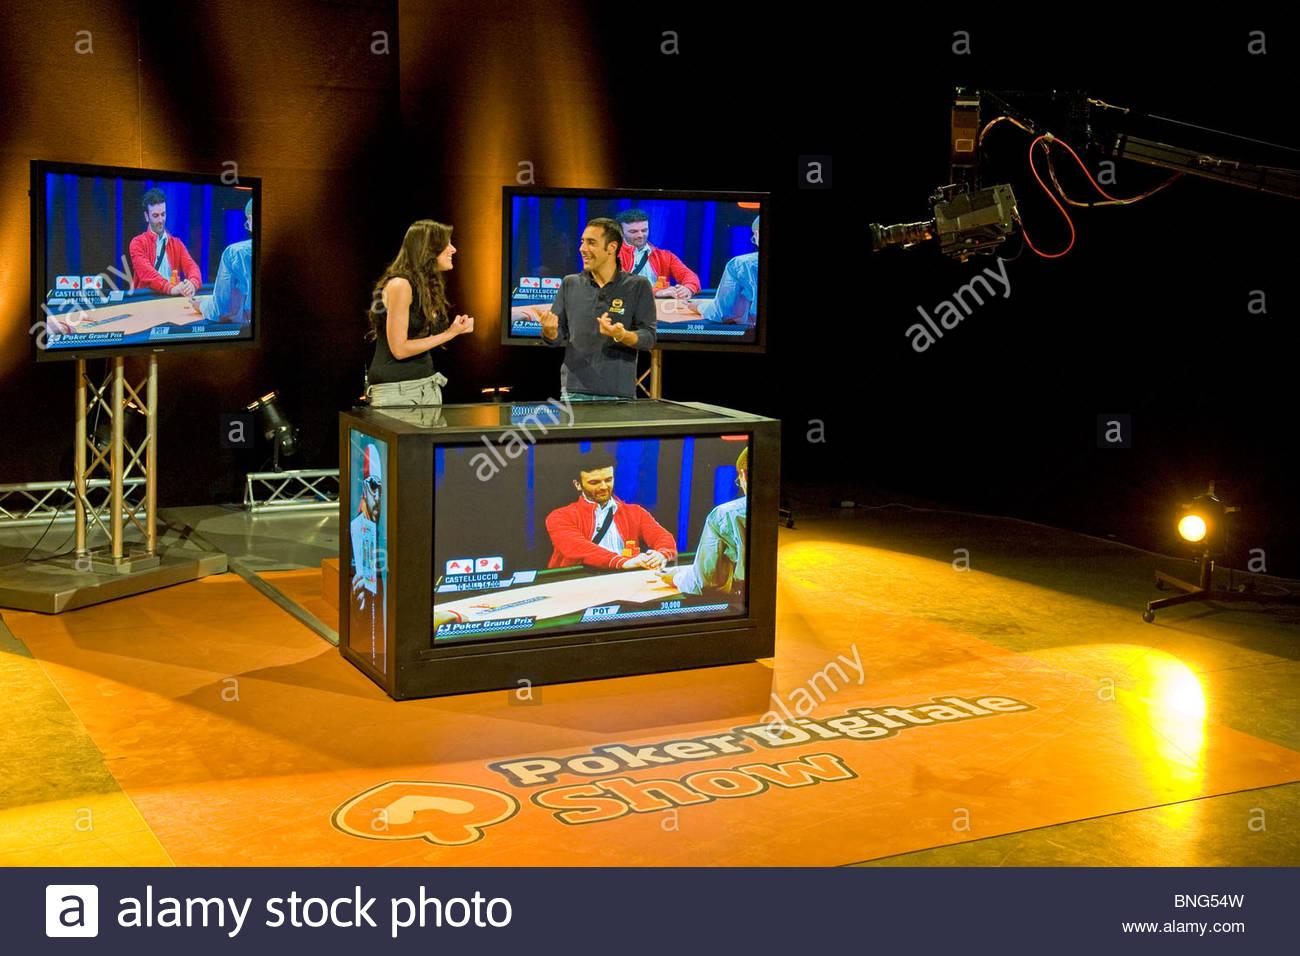 Nathalie Goitom e Cristiano Ruiu,Poker digitale show,Tele Lombardia Immagini Stock